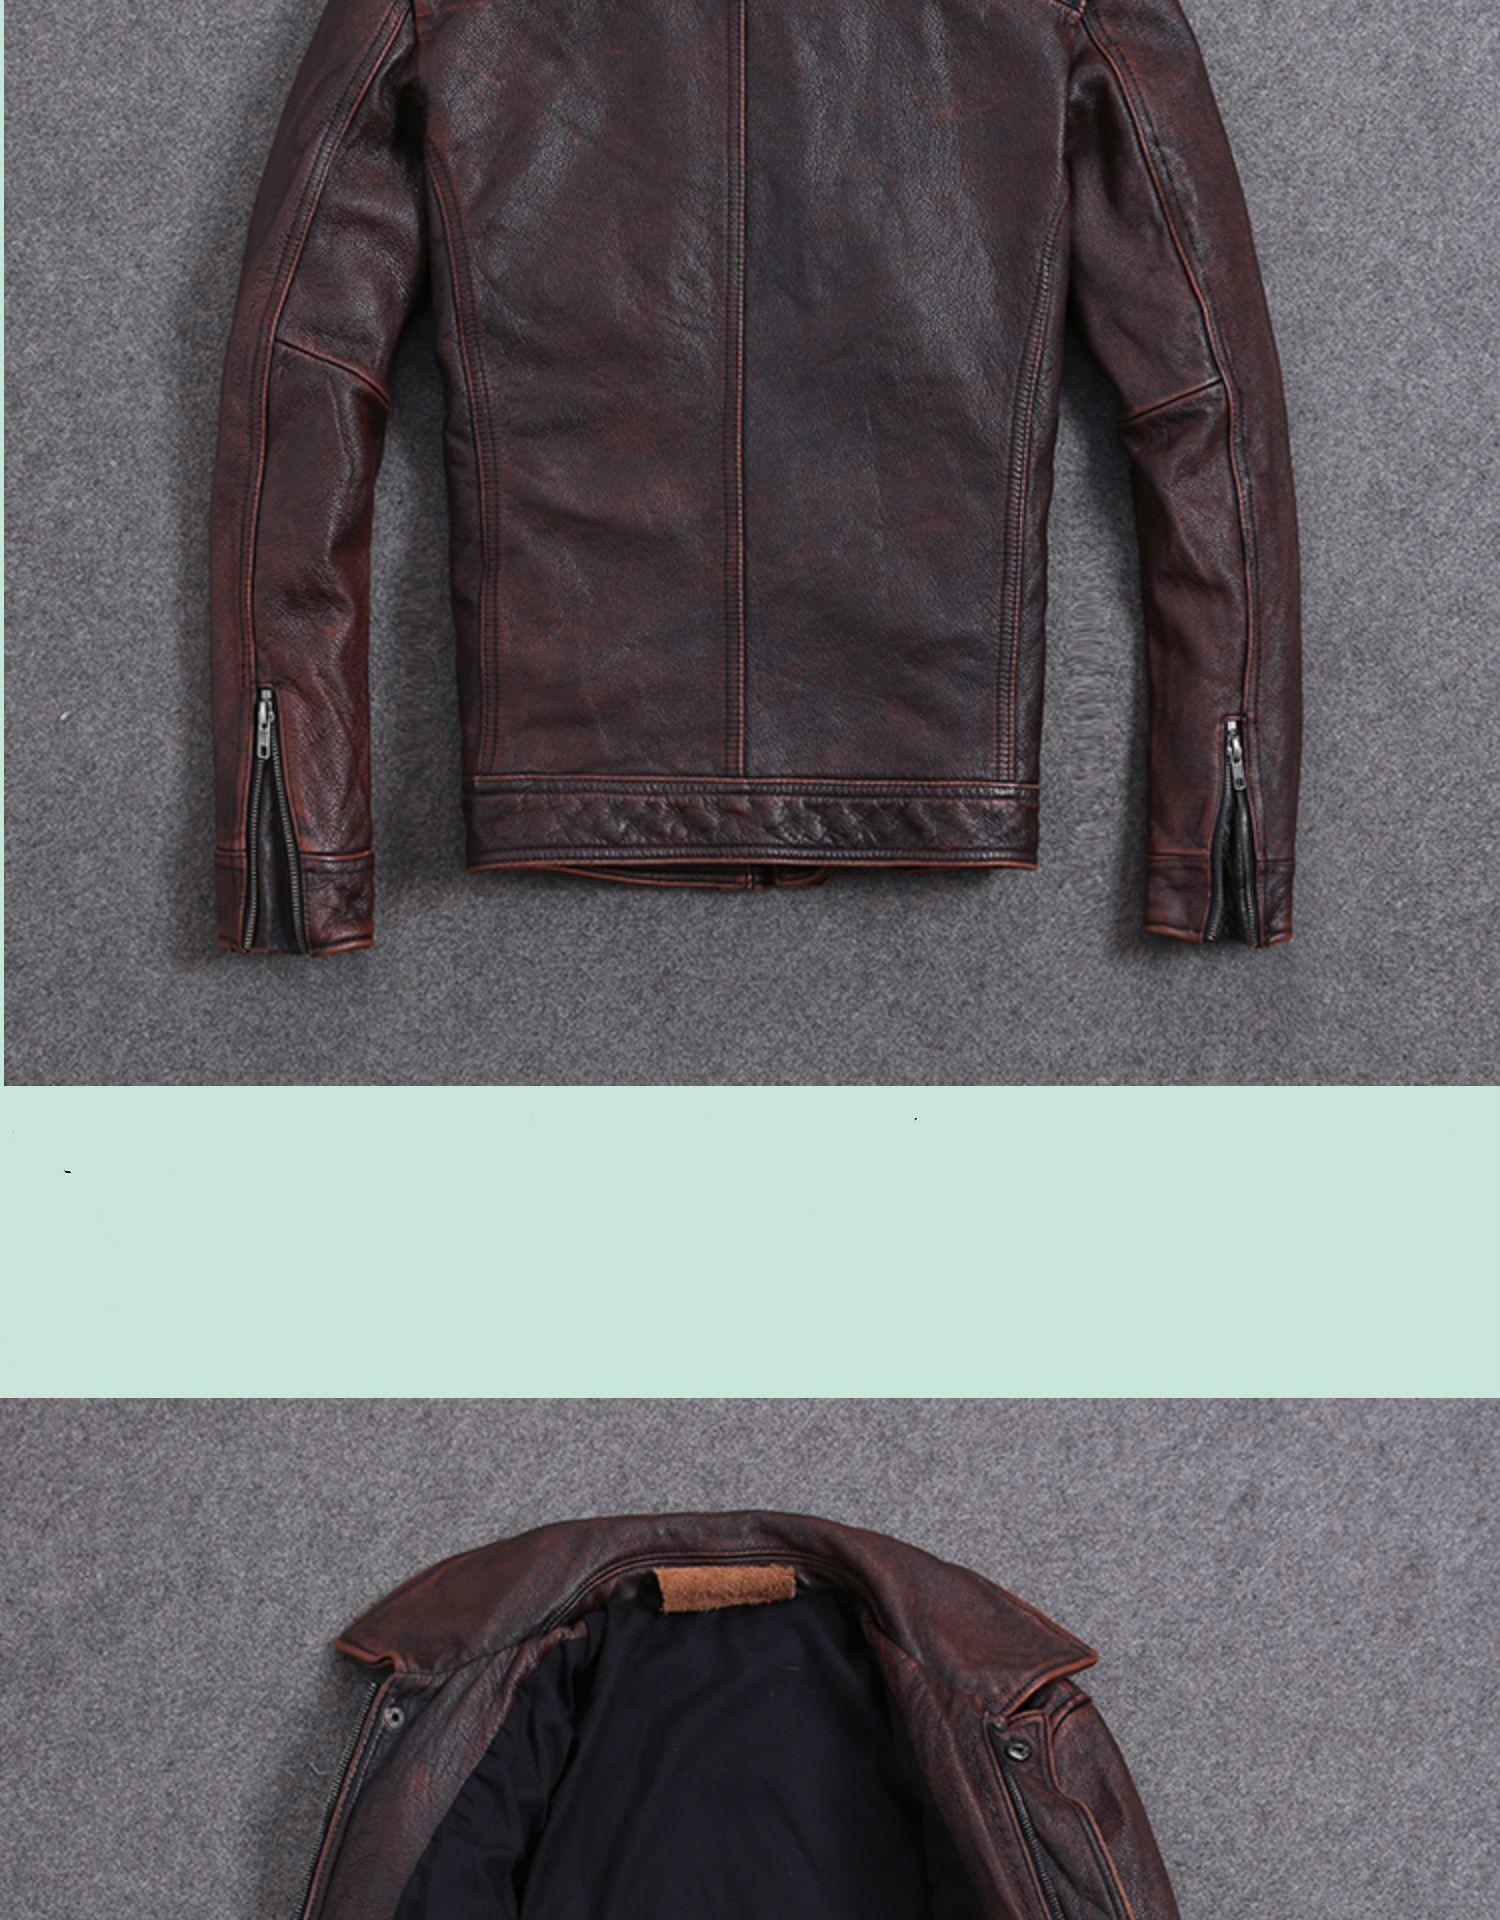 H3705647c134b4b018a8495edc188f404E AYUNSUE Vintage Genuine Cow Leather Jacket Men Plus Size Cowhide Leather Coat Slim Short Jacket Veste Cuir Homme L-Z-14 YY1366